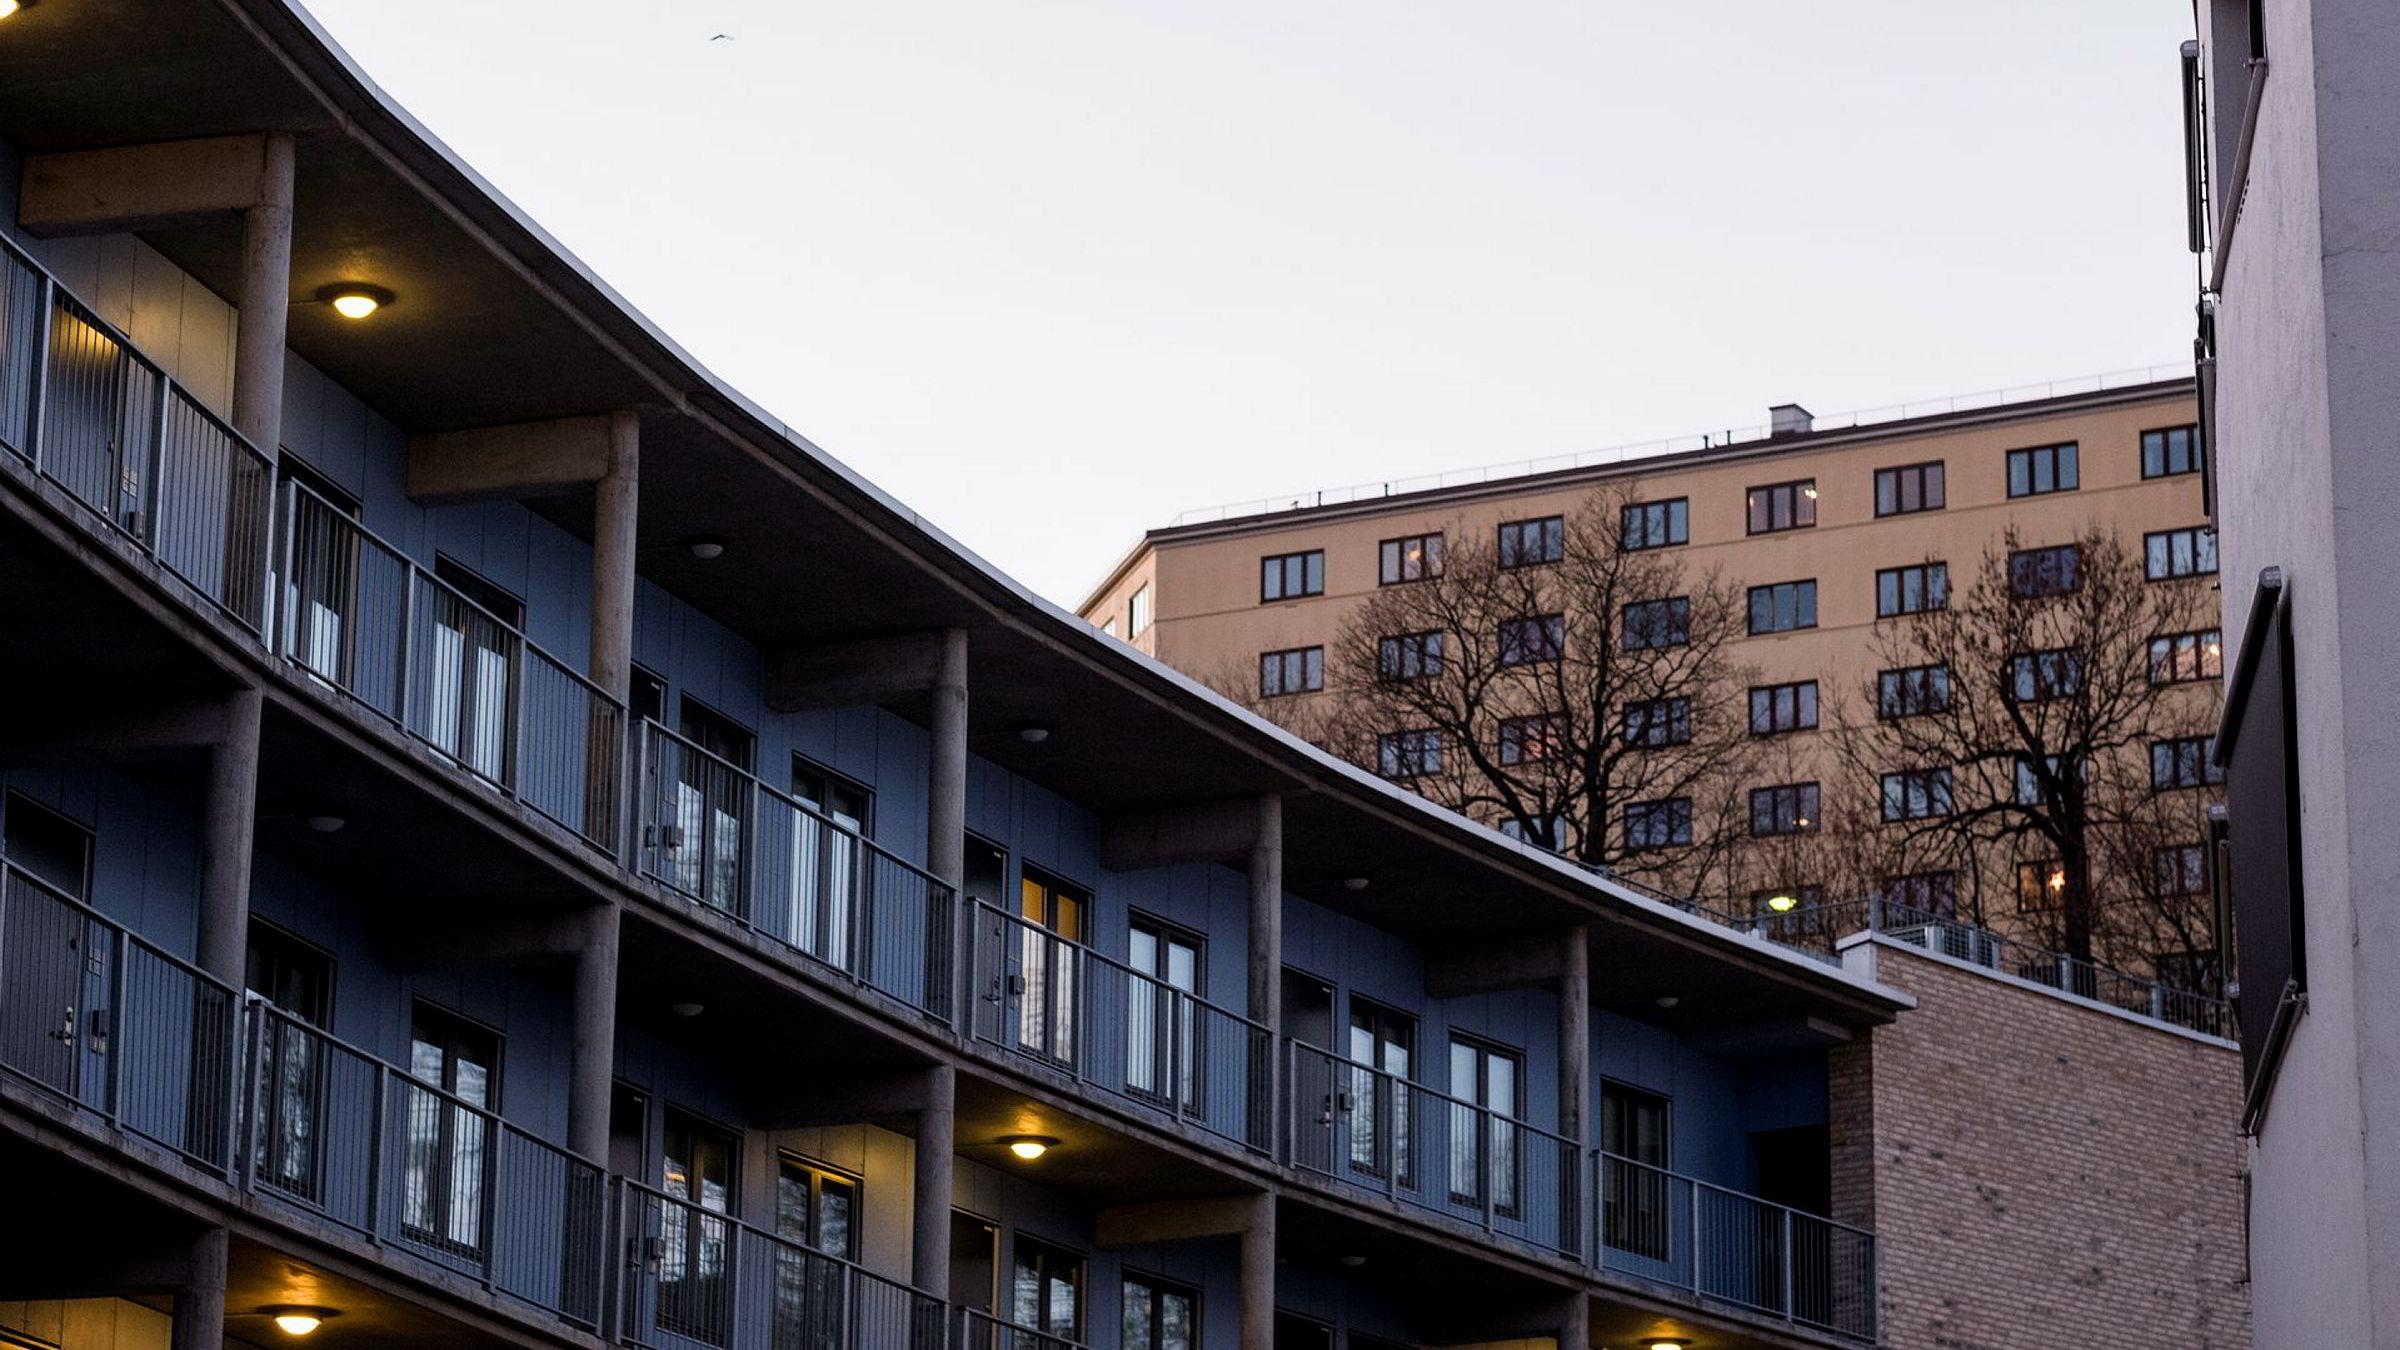 Det er vanskelig å se for seg at det vil lønne seg å bygge «lysfattige boliger og nitriste rom», skriver artikkelforfatteren.